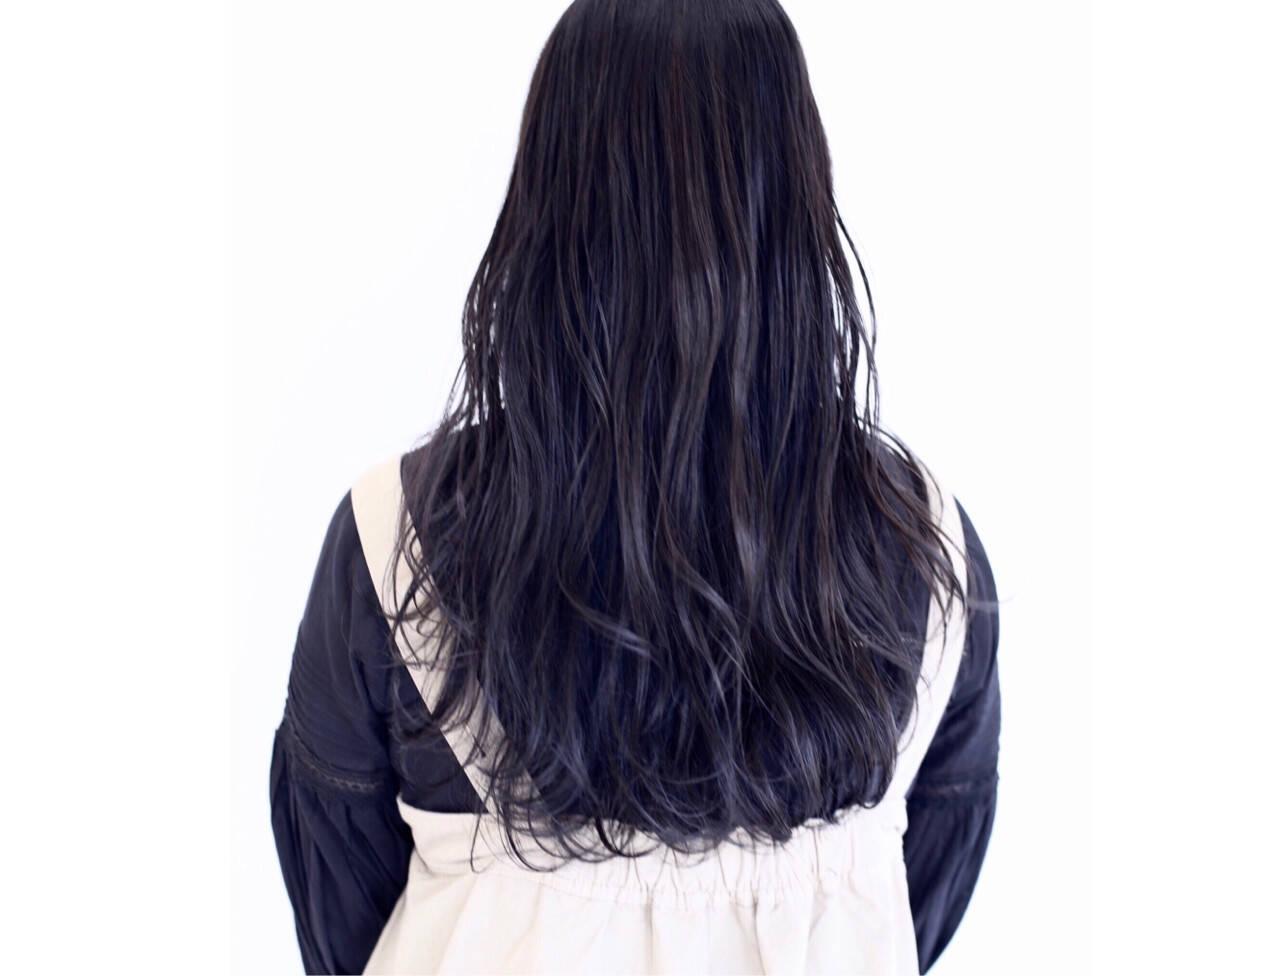 波ウェーブ イルミナカラー 透明感 ロングヘアスタイルや髪型の写真・画像